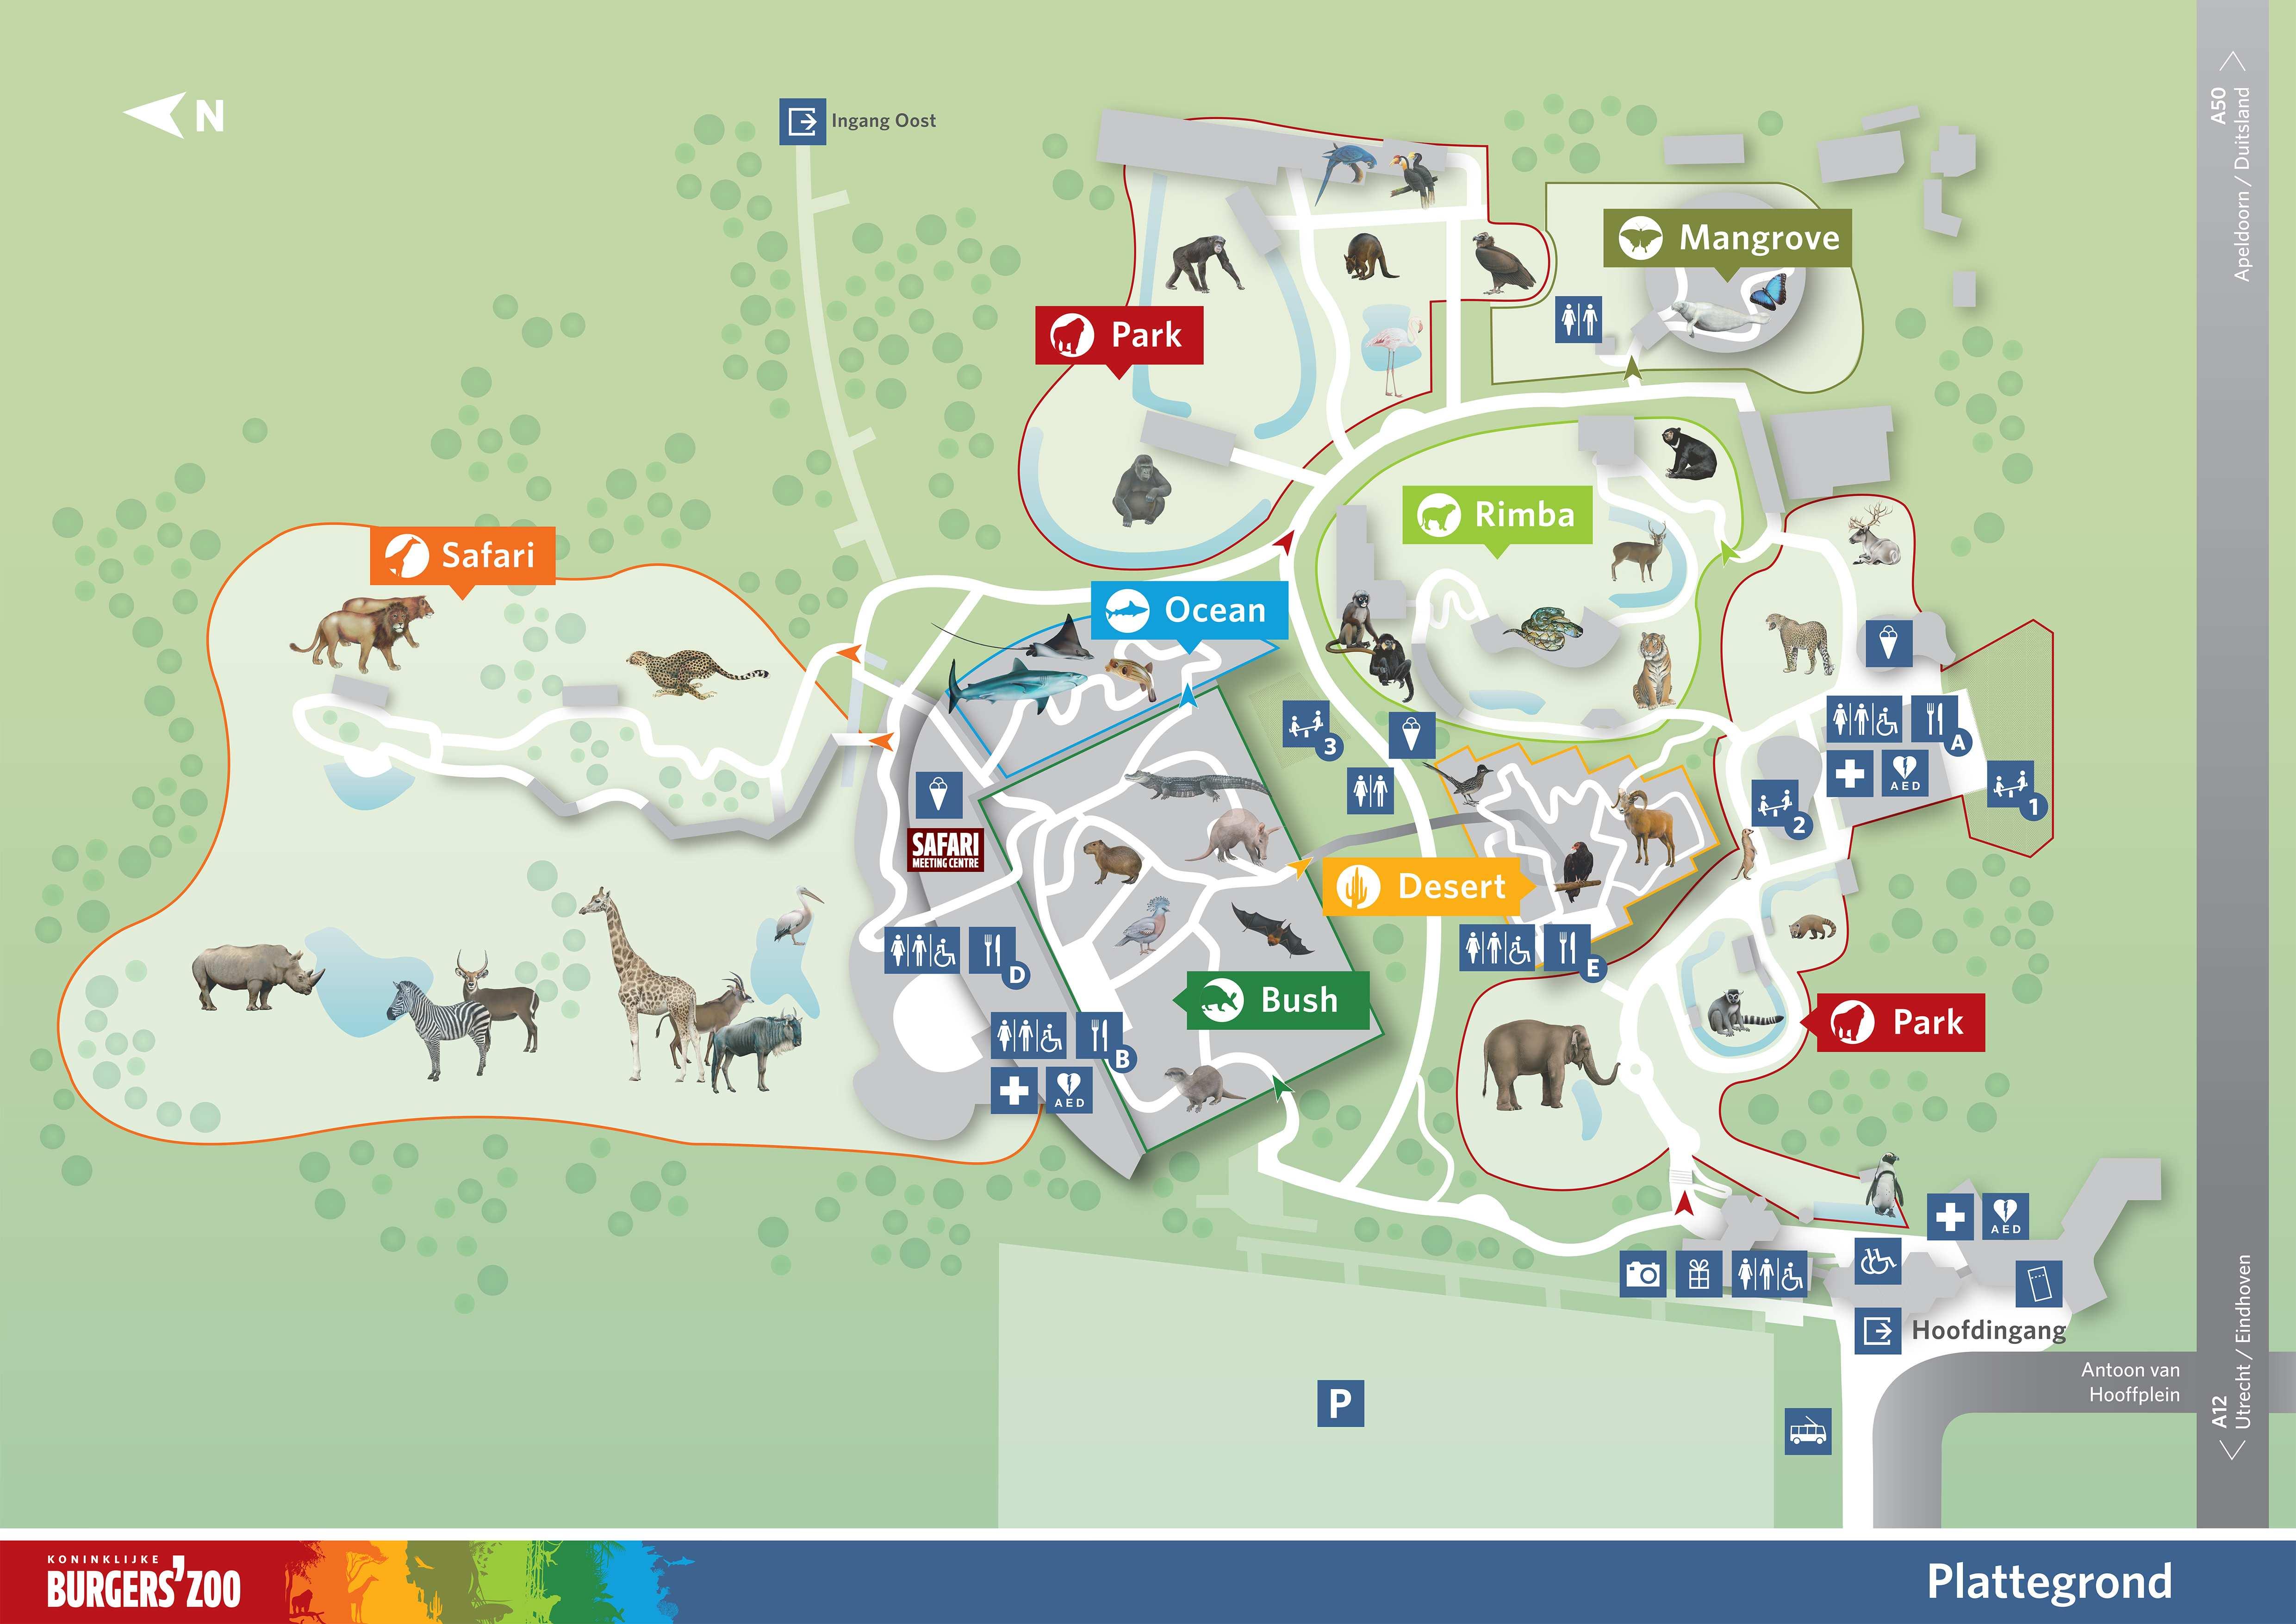 Bedankt Voor Uw Aanvraag Rondleiding Burgers Zoo In Arnhem